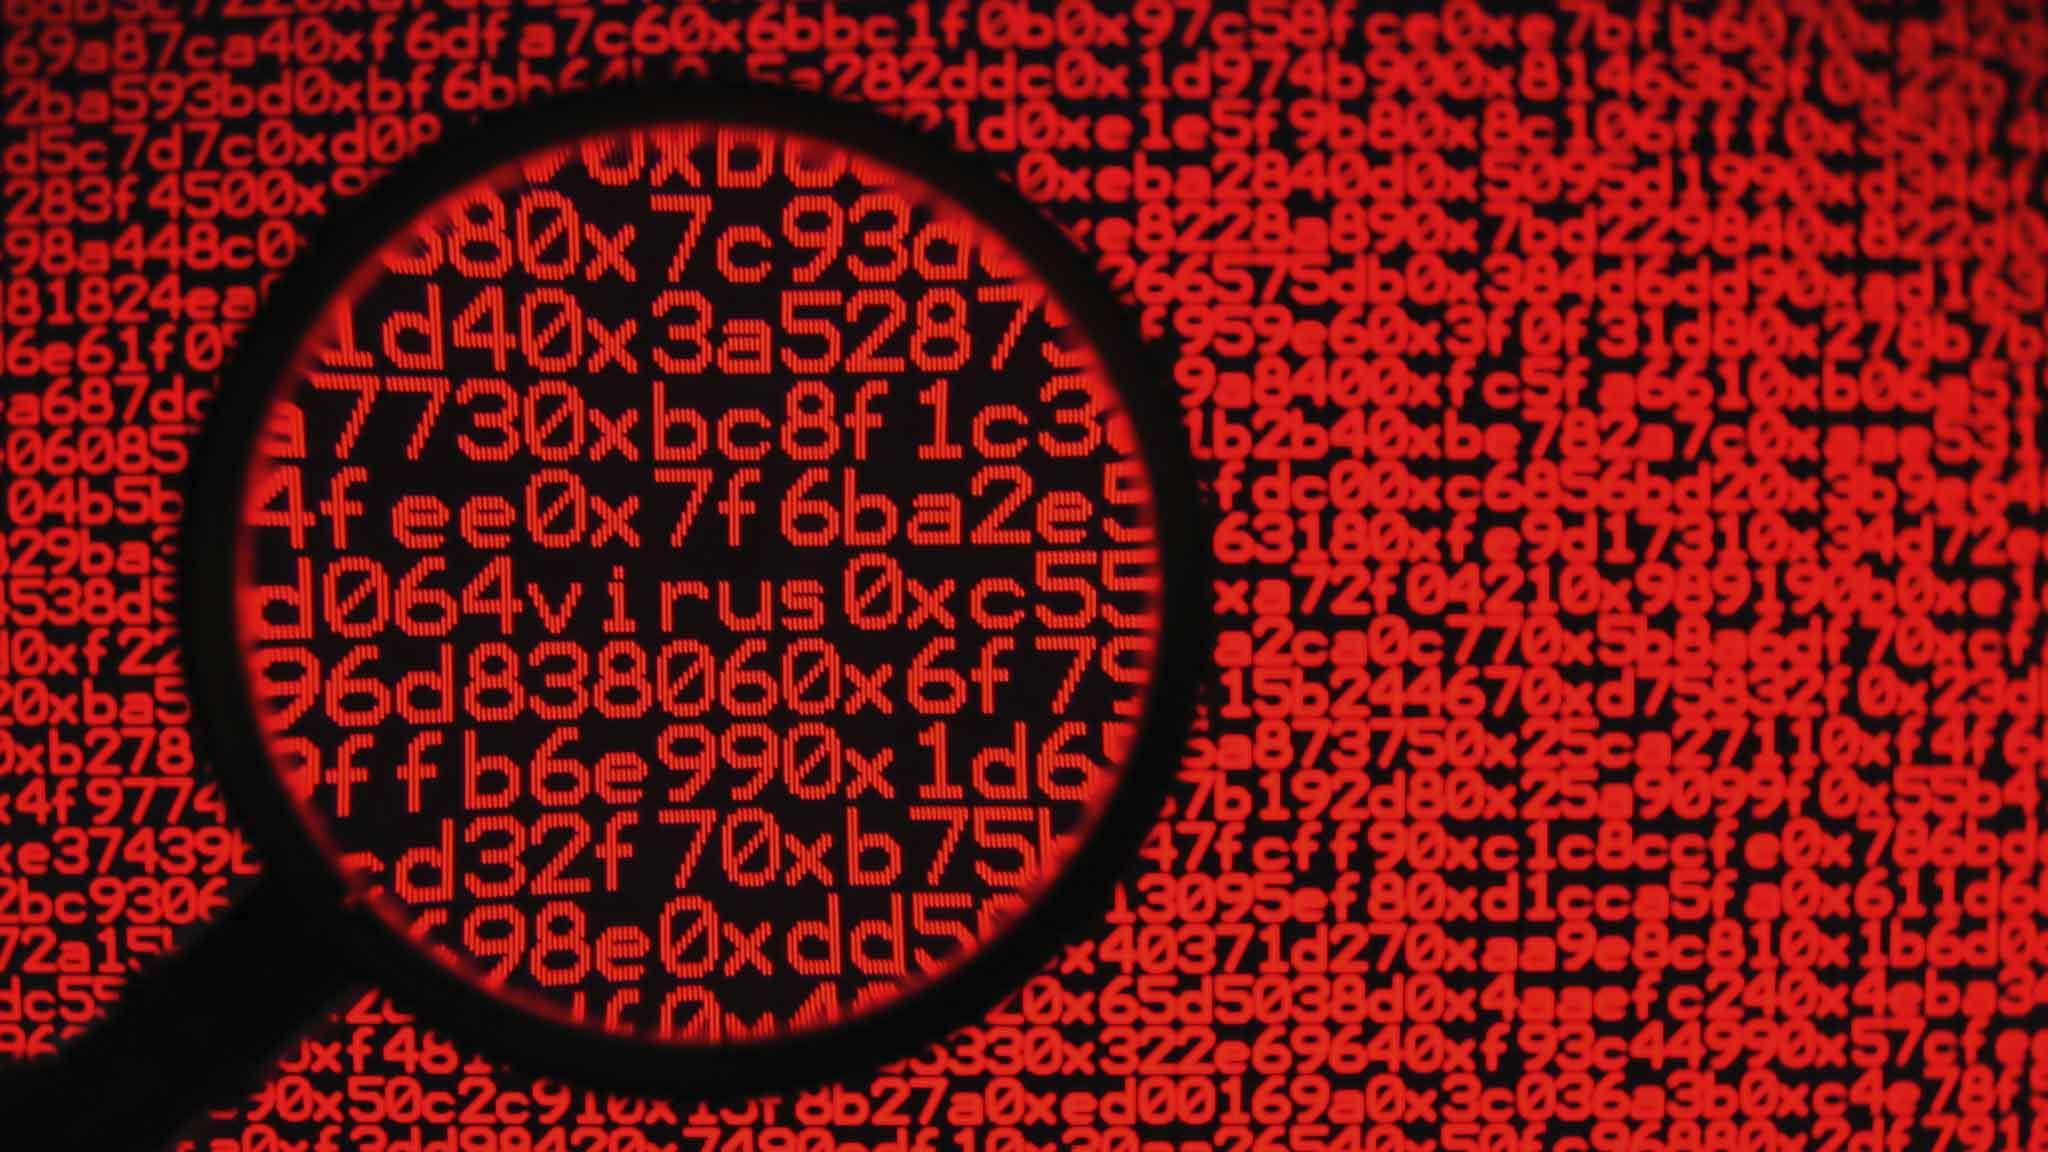 El virus puede infectar equipos con macOs y sus desarrolladores estuvieron detrás de los hackeos en las elecciones estadounidenses